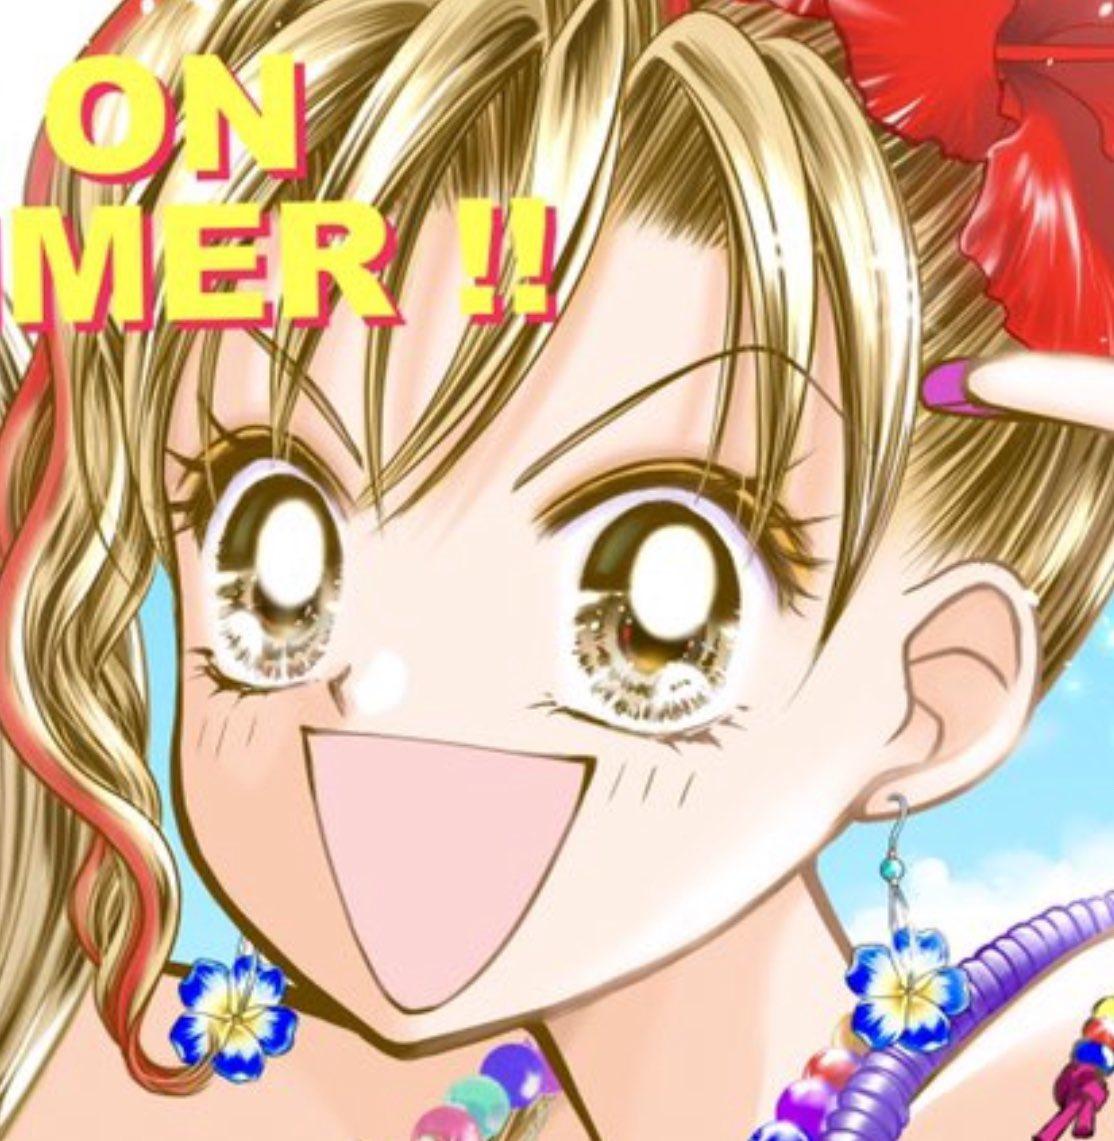 ヘッダーの蘭©︎が着けてるピアス、実はみほなっちとおソロなんだ〜〜‼️www去年、奄美大島に旅行に行く時に作ったんだけど、着けて行き忘れたとゆーみほなっちらしいオチだったーー!wなんか今年の夏は、東京でもハイビアクセいける気がしない⁉️またハイビブームくるといいなーー‼️✨🌺✨#GALS